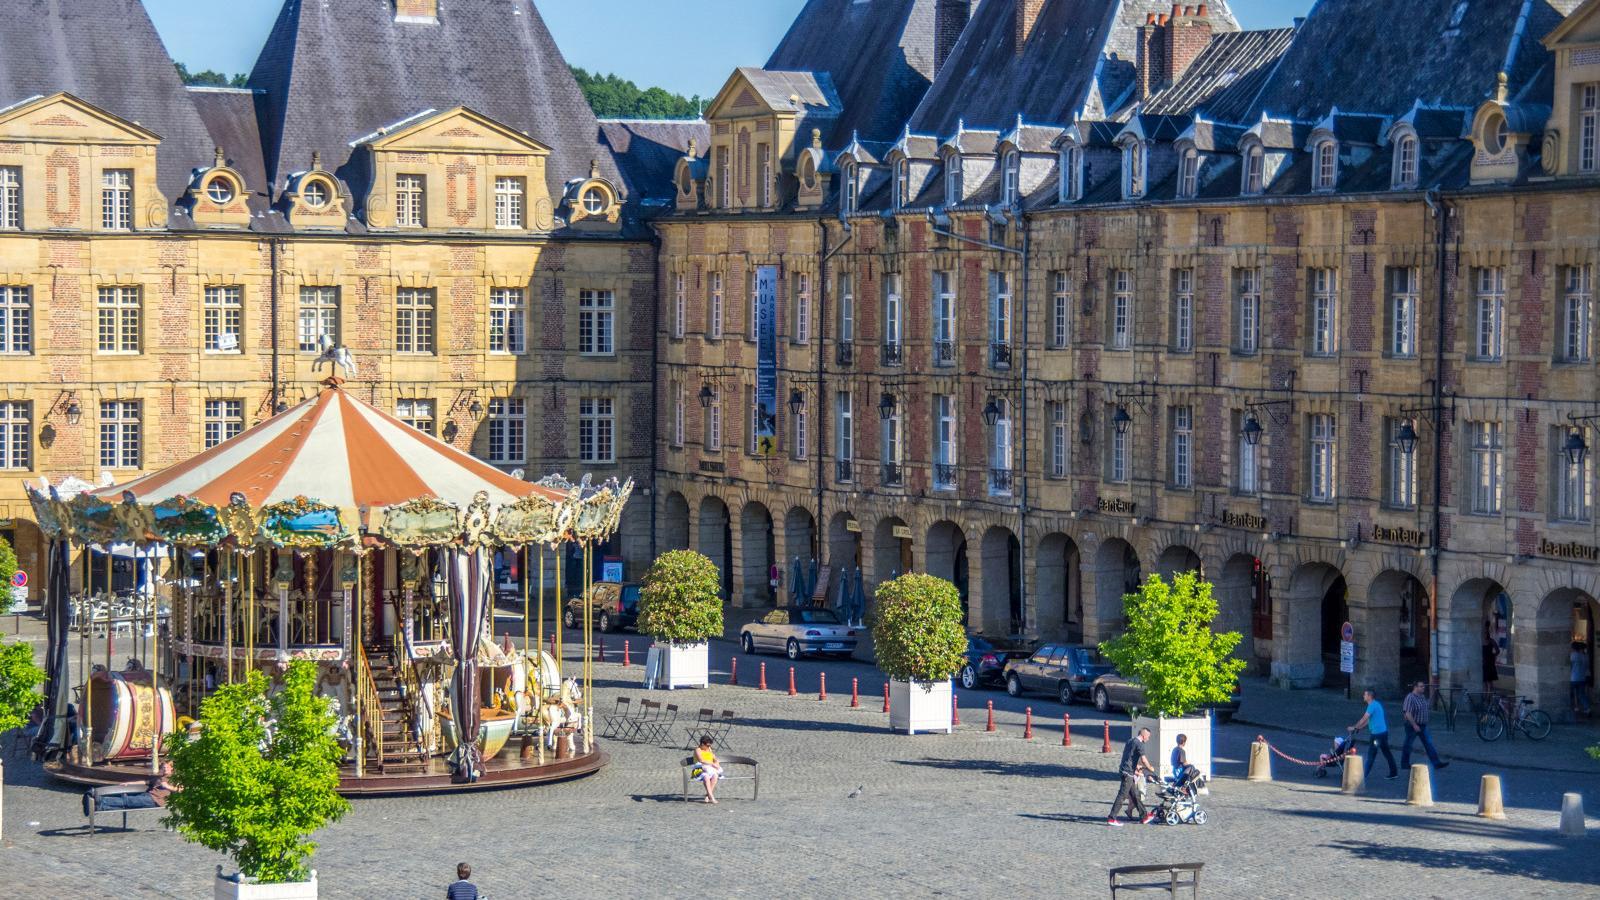 La Place Ducale de Charleville-Mézières, petite soeur de la place des Vosges à Paris